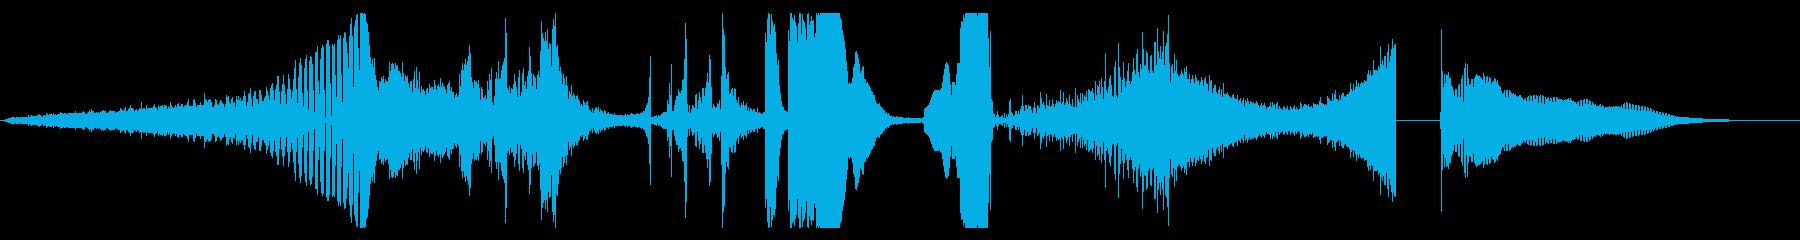 トレーラー ティーザー 先鋭的動画向けの再生済みの波形